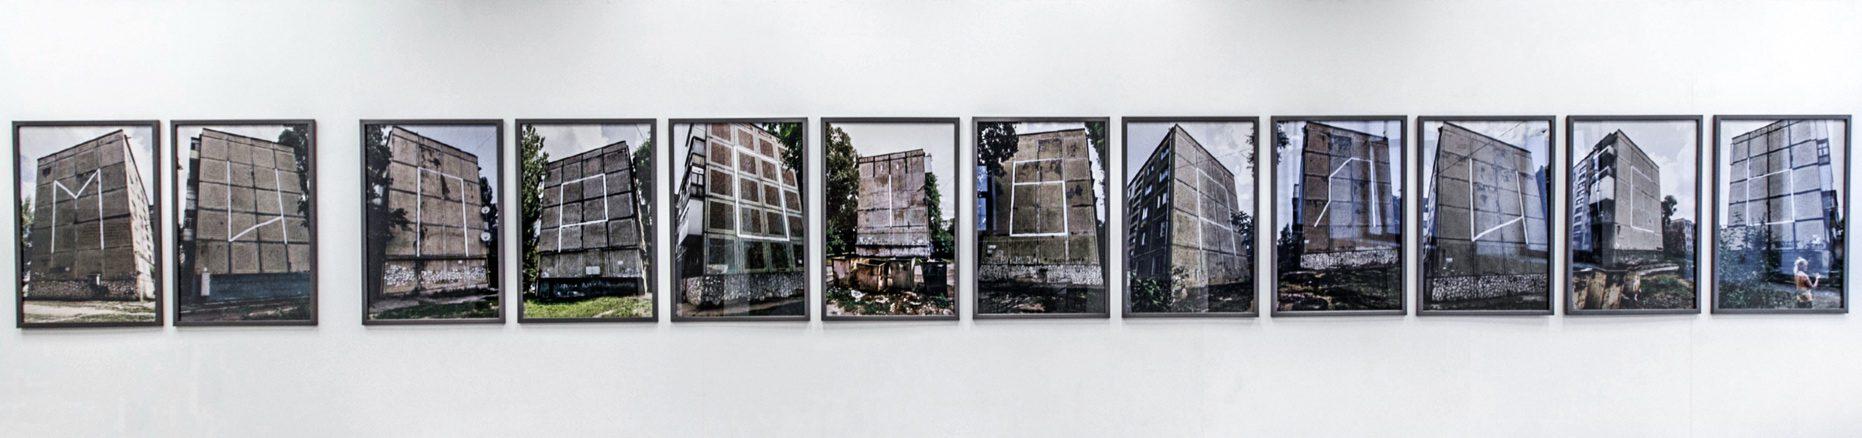 rach rev 07 - <b>Музей катастроф:</b> что важно знать о художниках Рачинском и Ревковском - Заборона